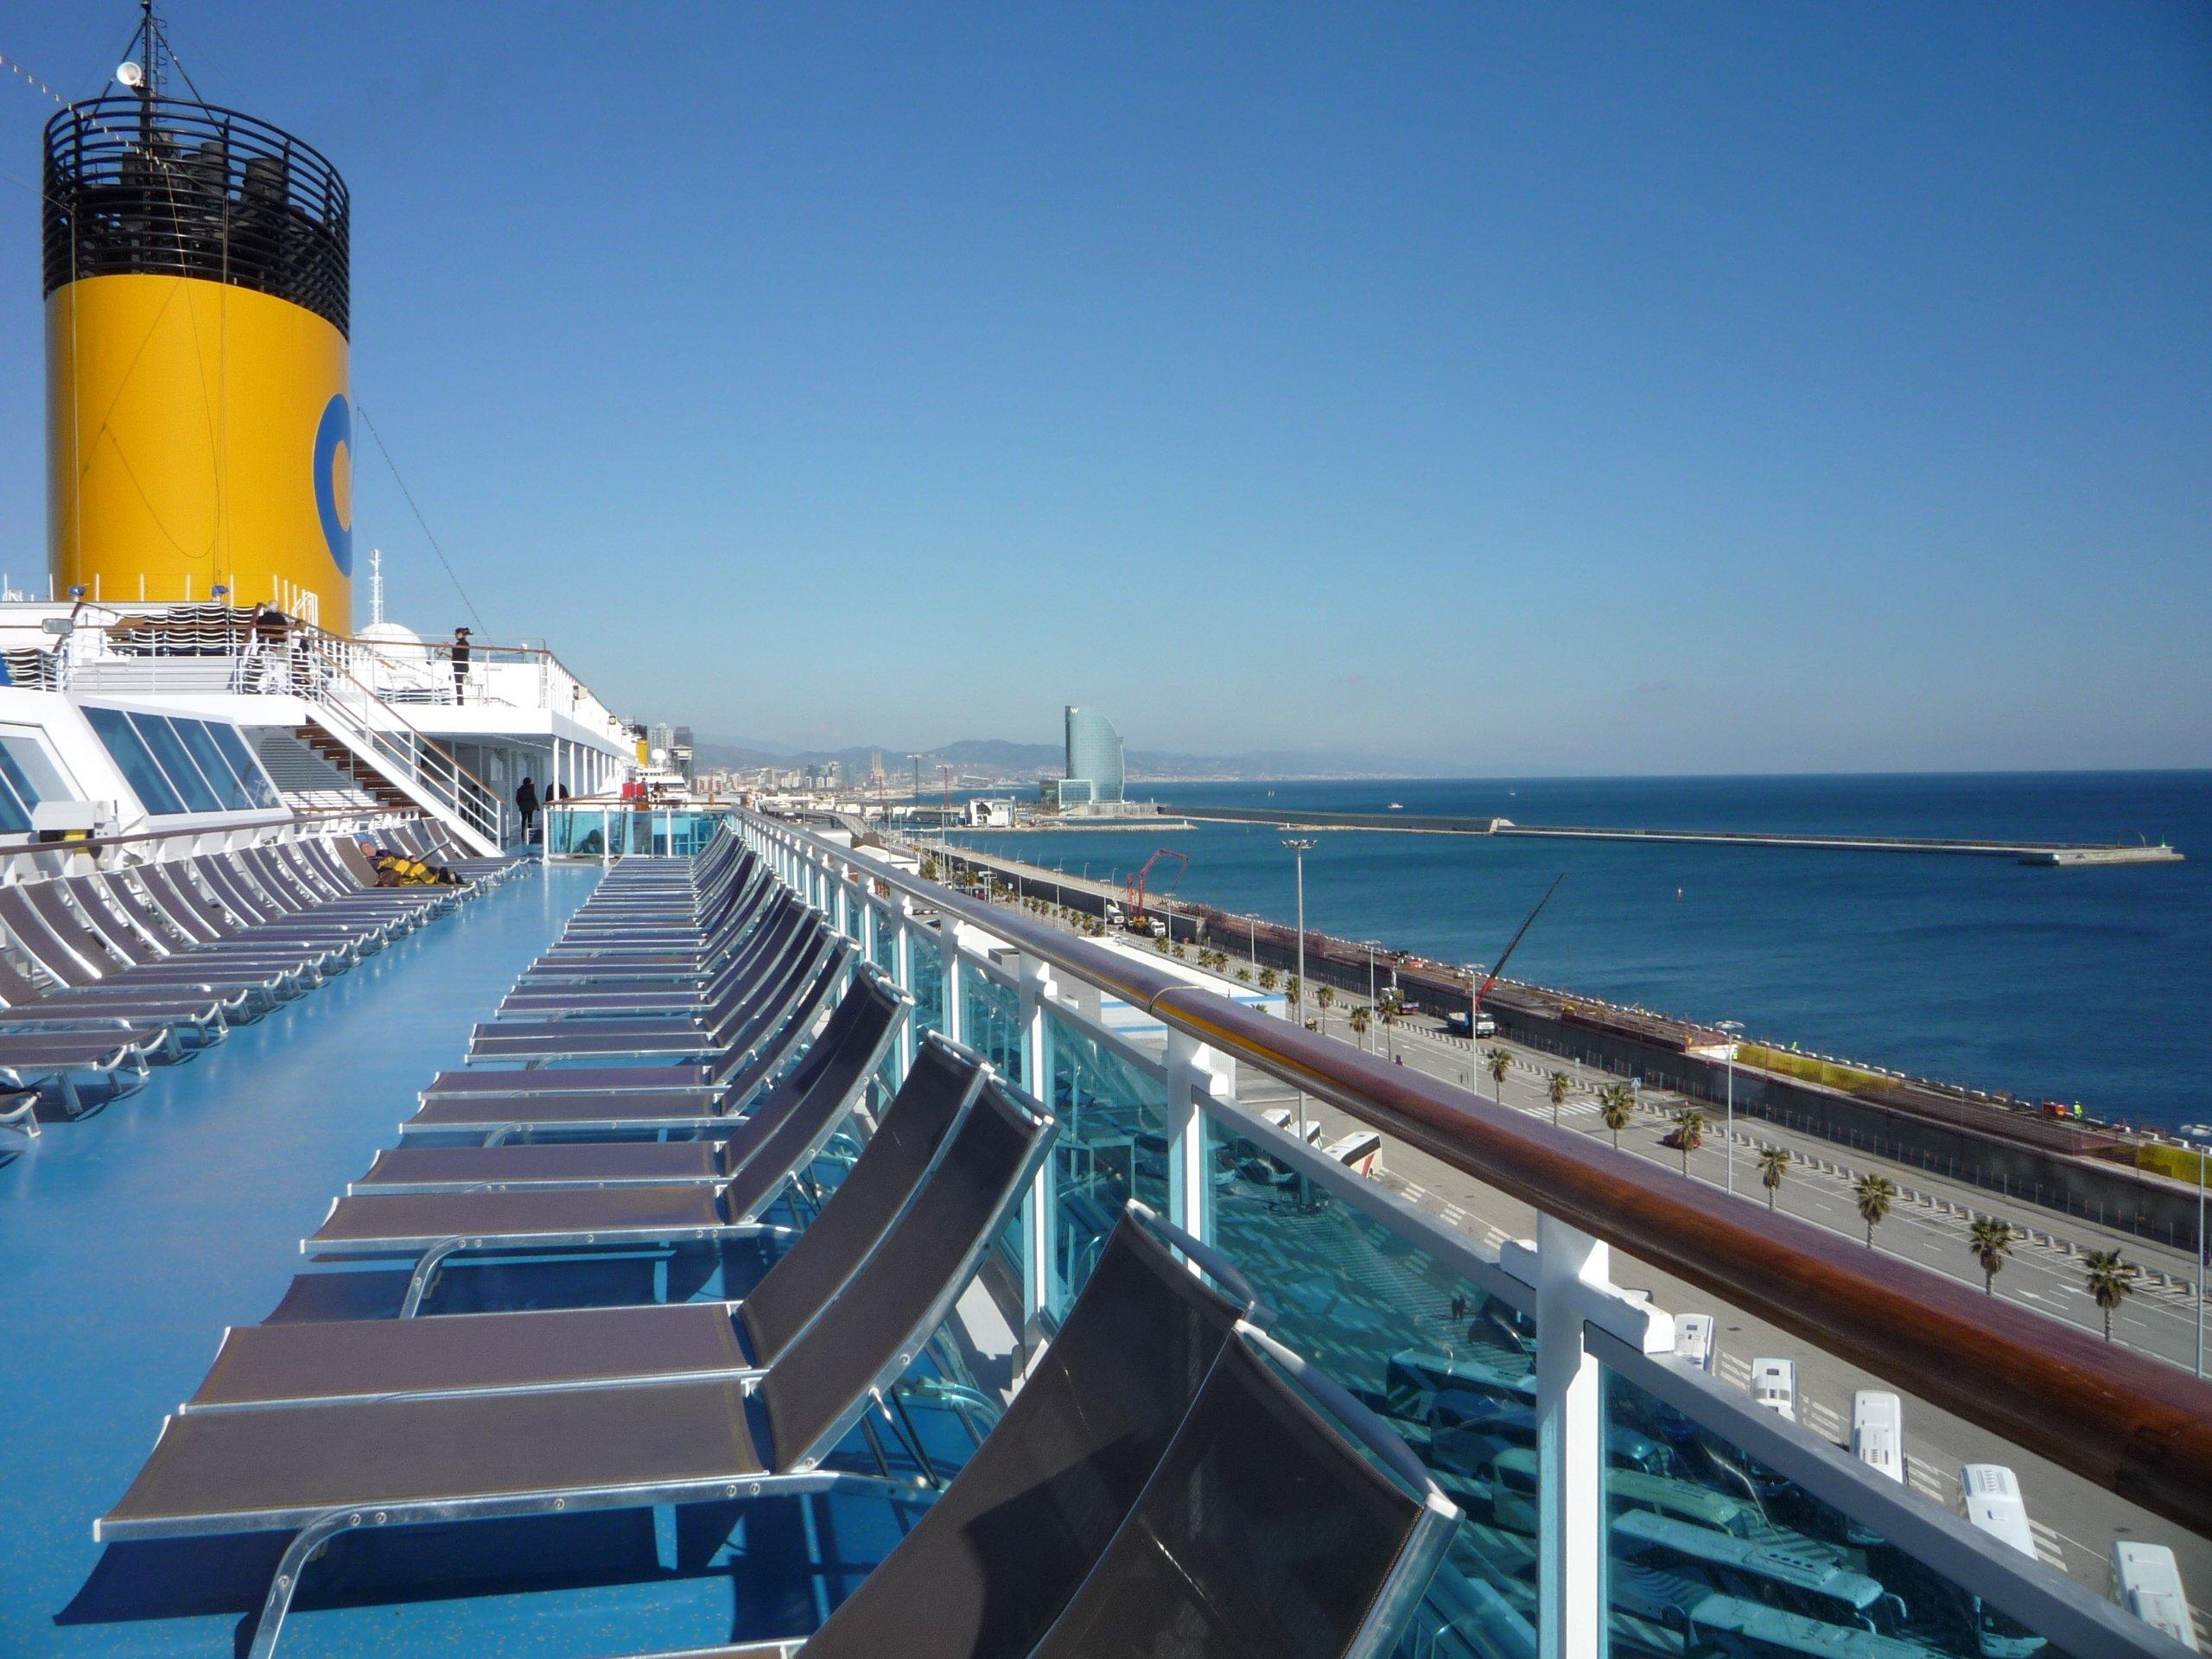 Julie bord du costa pacifica at impressions de voyages for Bateau de luxe interieur